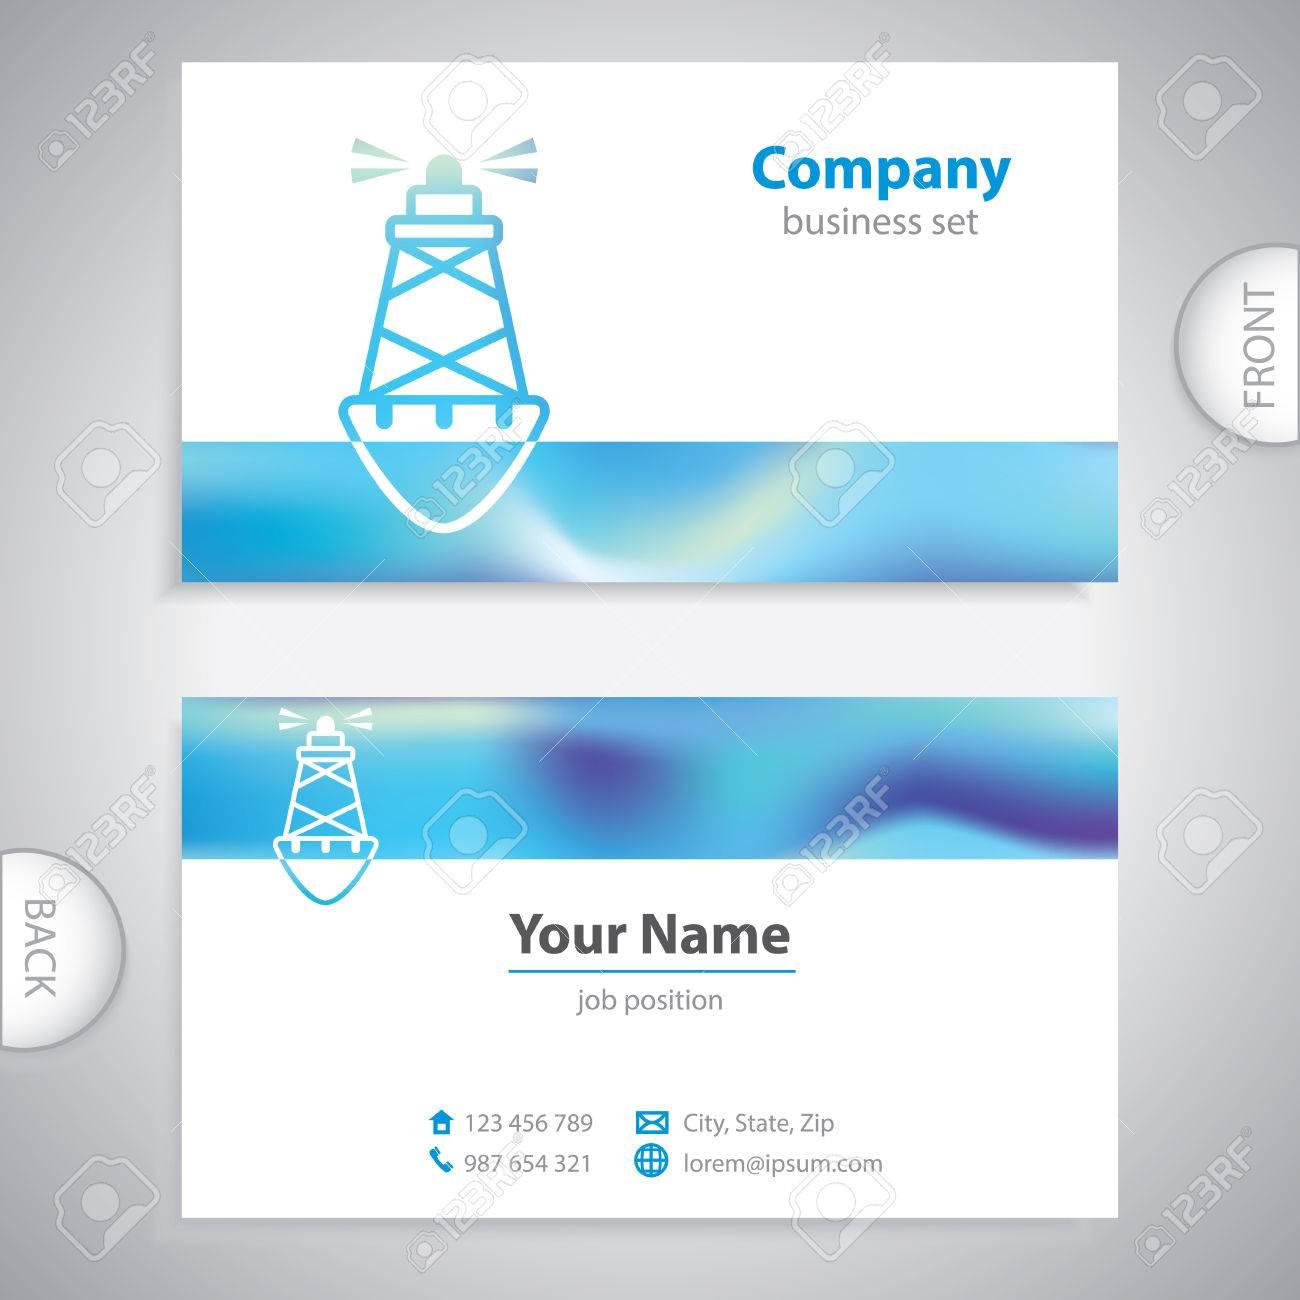 Business card sea buoys marine buoy maritime symbols business card sea buoys marine buoy maritime symbols company presentations stock vector colourmoves